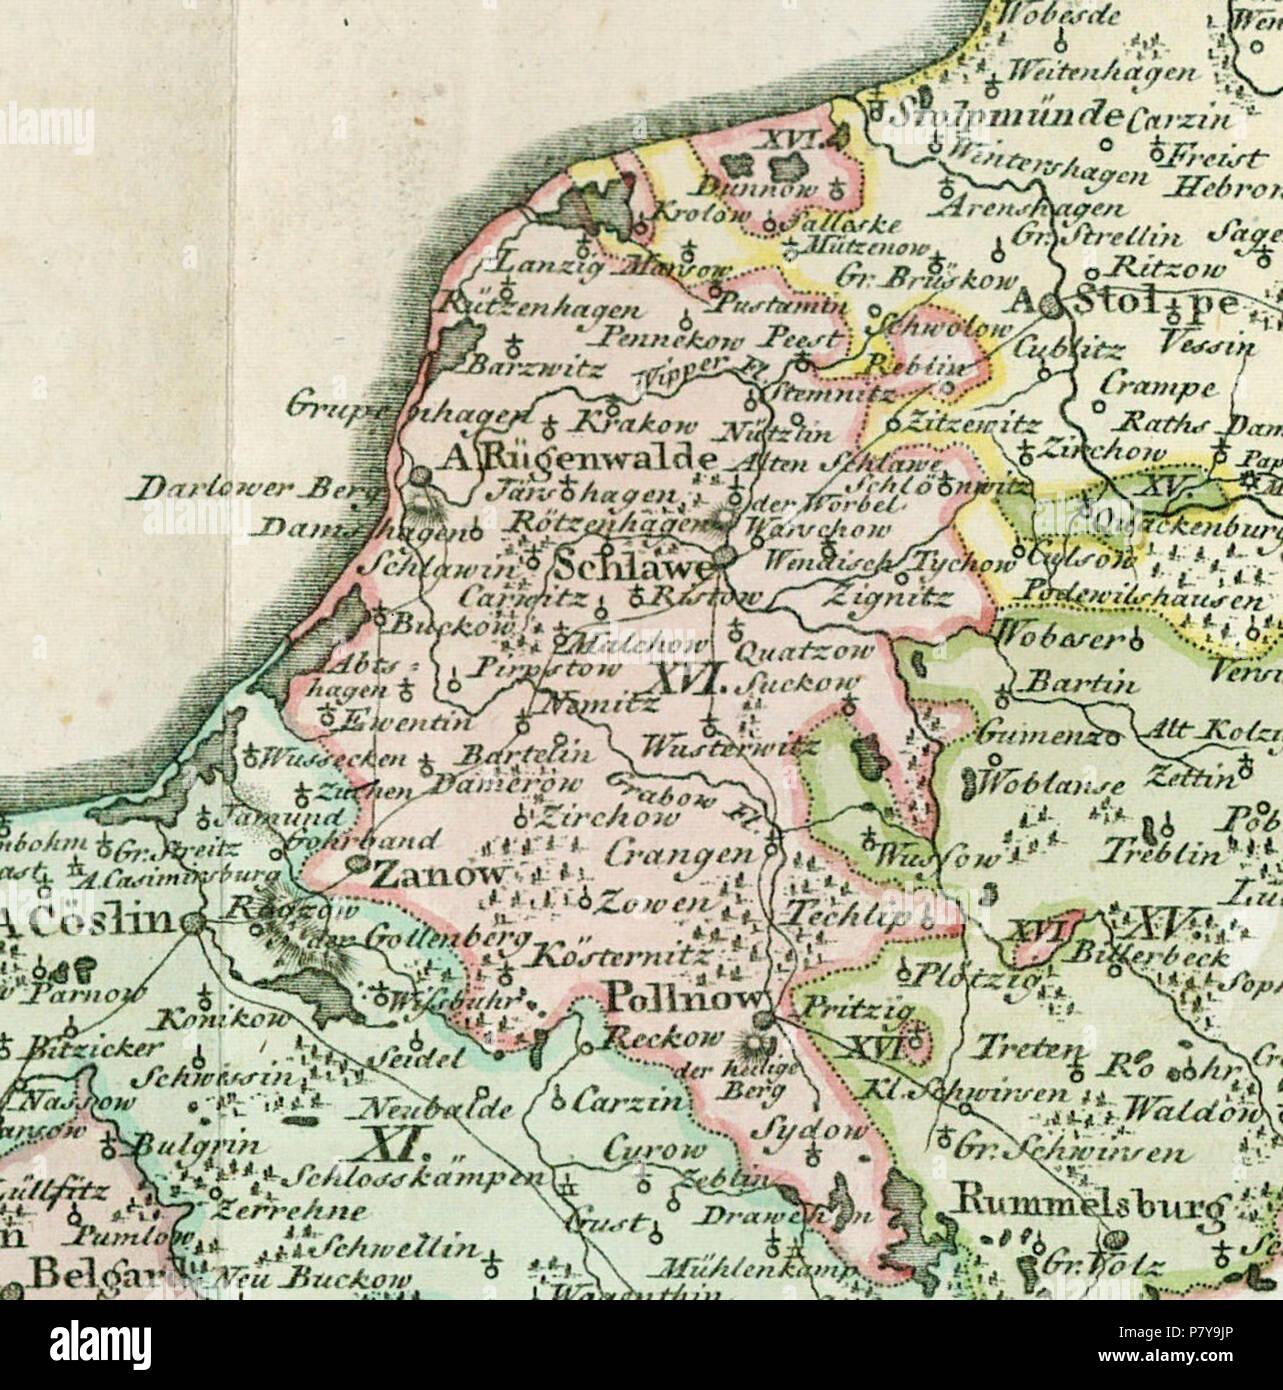 Landkarte Deutsch.Deutsch Ausschnitt Aus Landkarte Des Herzogtums Vor Und